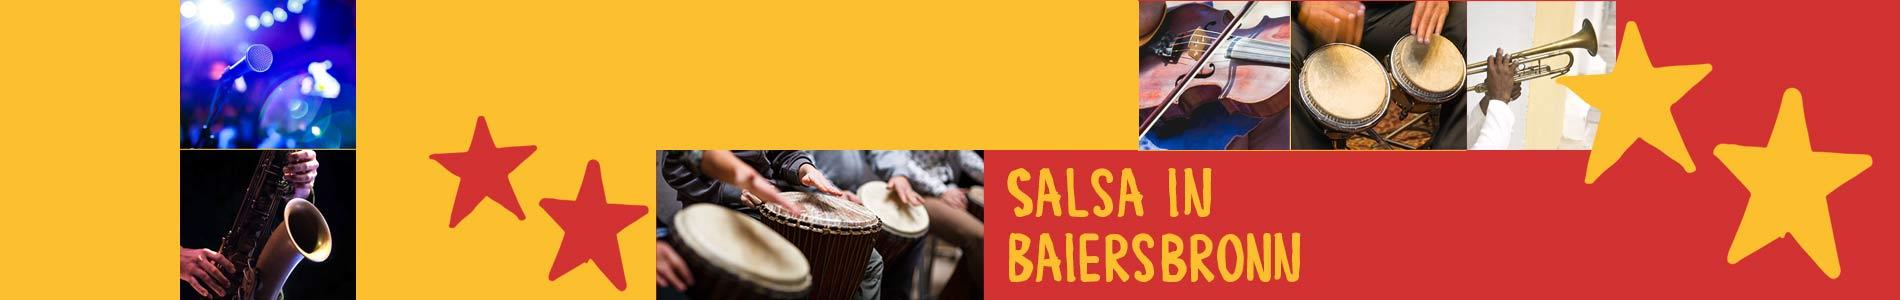 Salsa in Baiersbronn – Salsa lernen und tanzen, Tanzkurse, Partys, Veranstaltungen